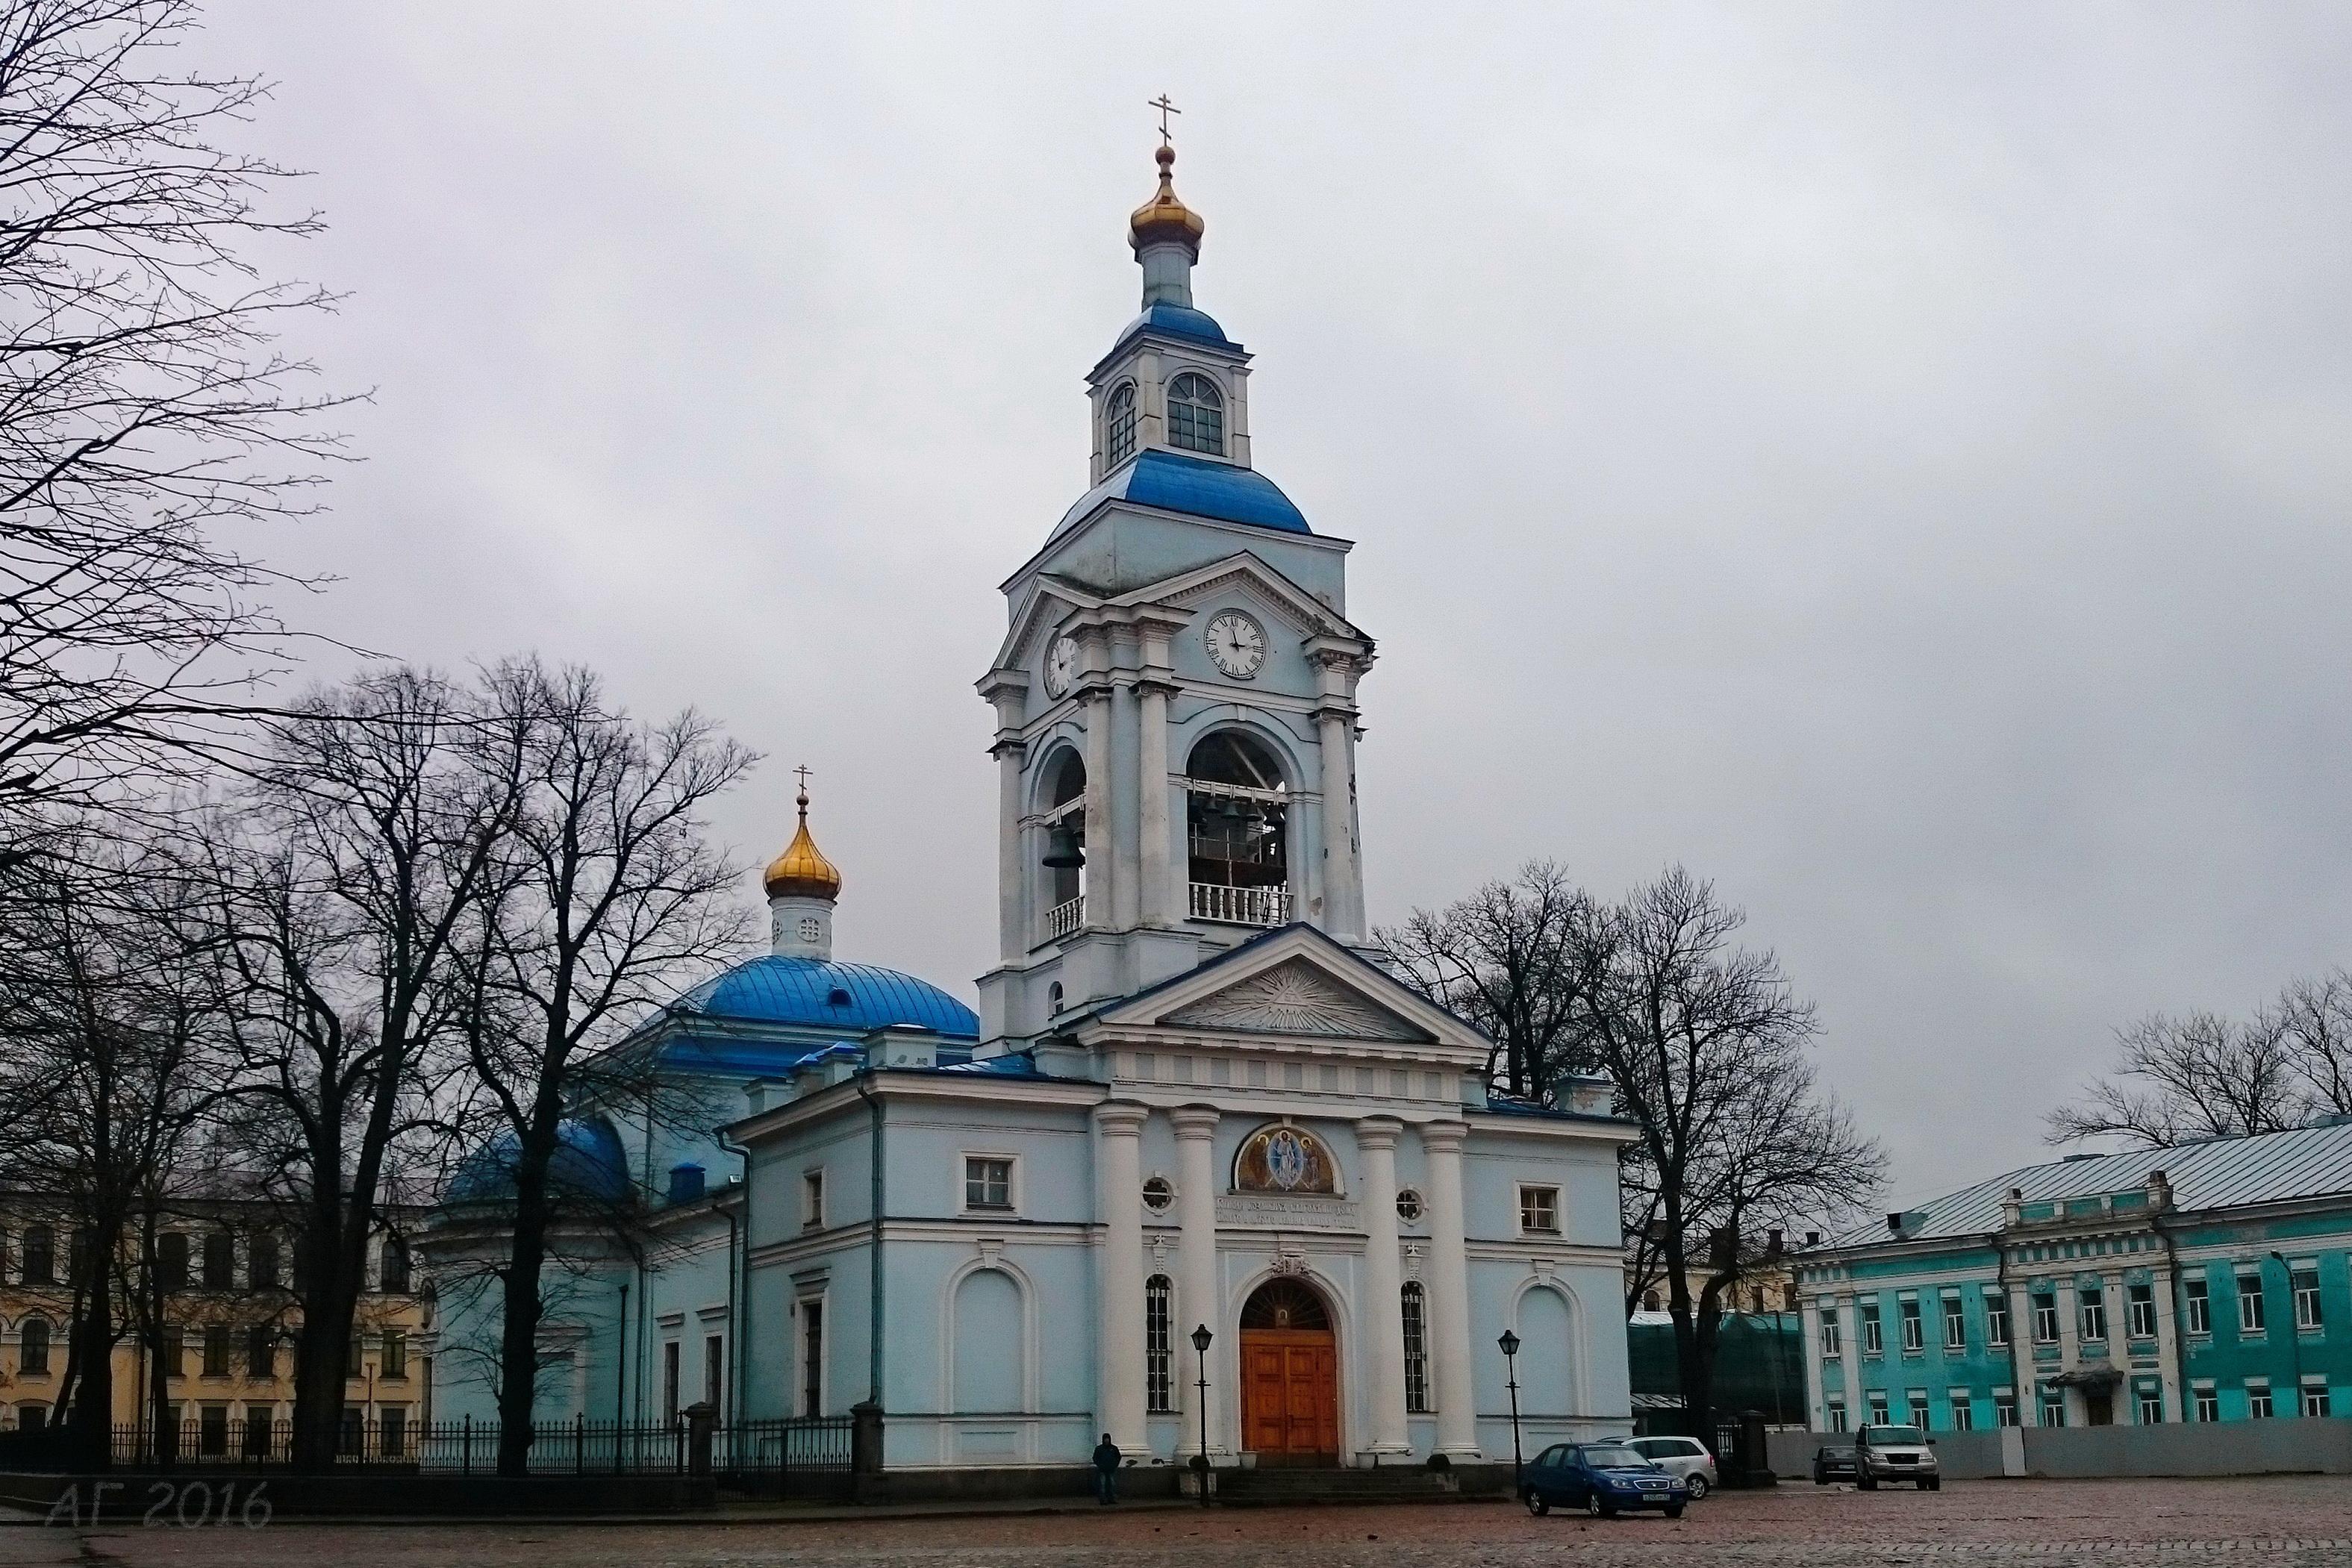 Спасо-Преображенский кафедральный собор, Выборг, 28.10.2016